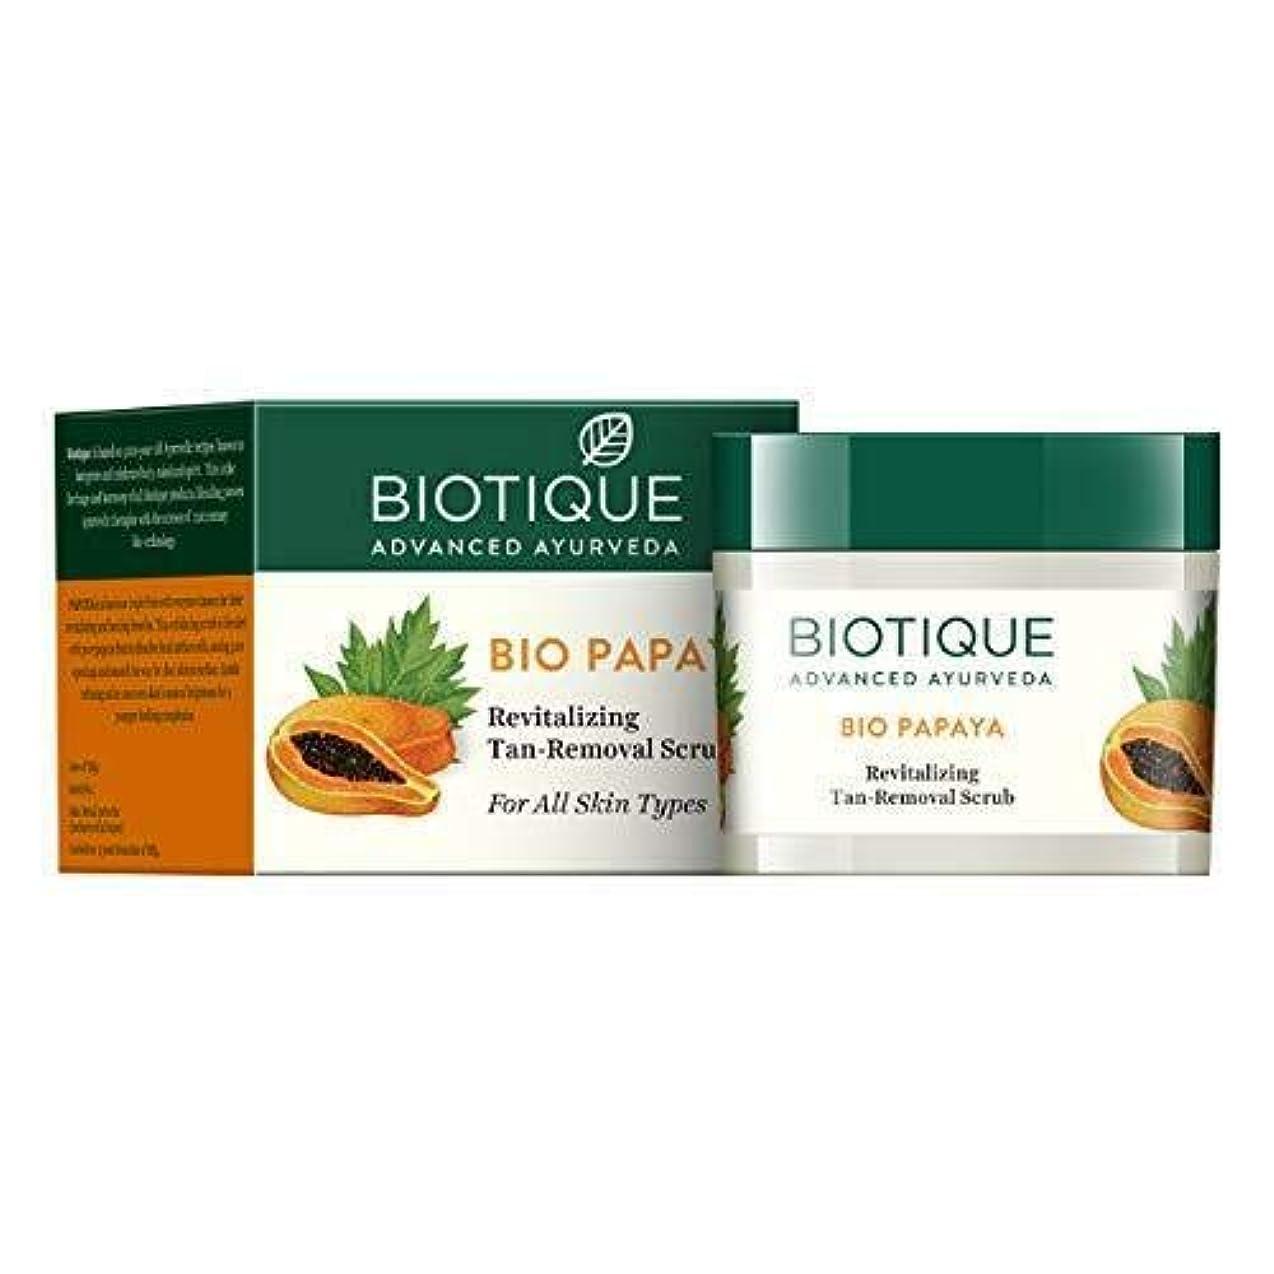 限界思い出す日焼けBiotique Bio Papaya Revitalizing Tan Removal Scrub for All Skin Types 75g すべての肌タイプのための日焼け除去スクラブを活性化させるBiotique...